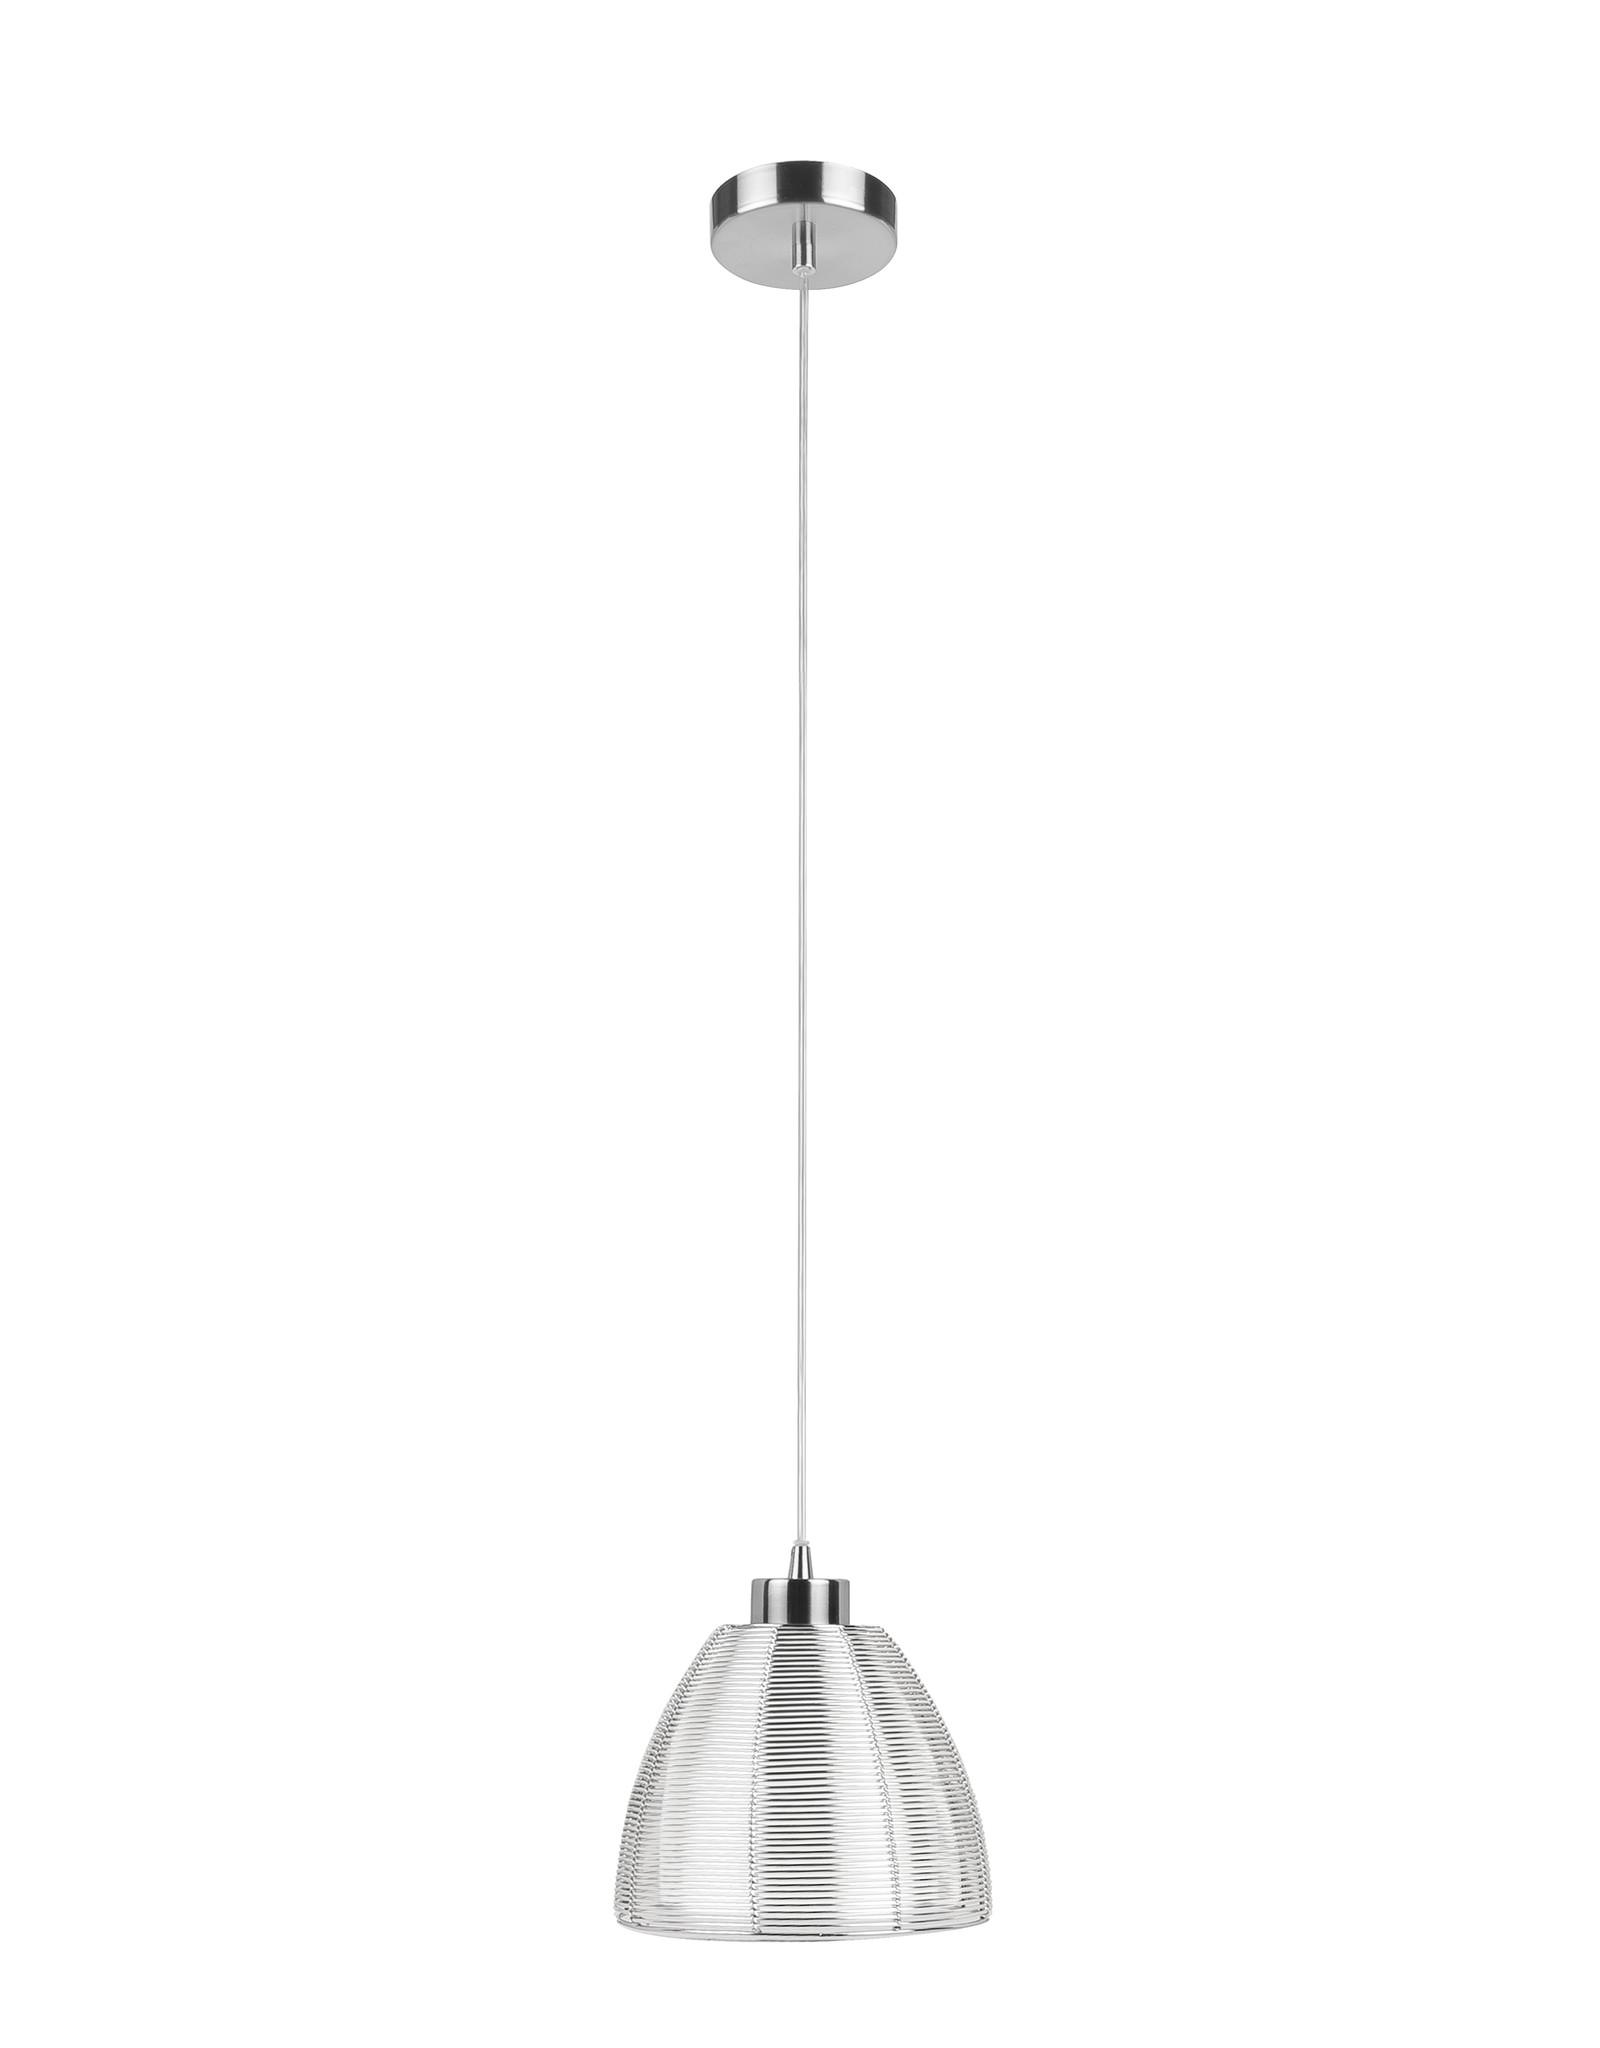 Hanglamp Whires E27 klein Zilver Alu